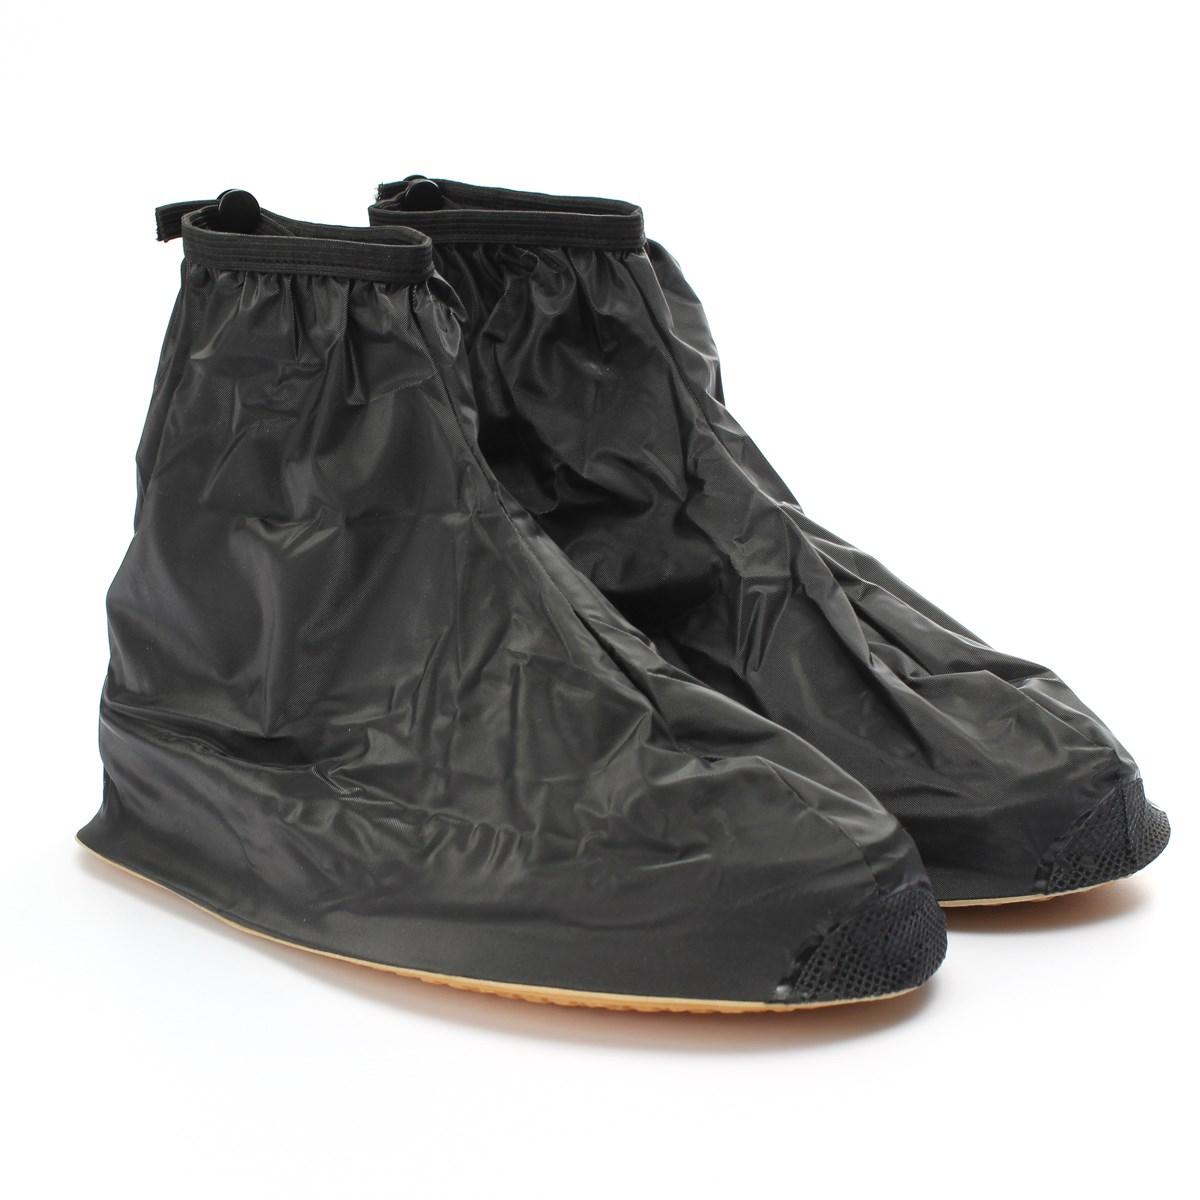 Nike Women Rain Shoes